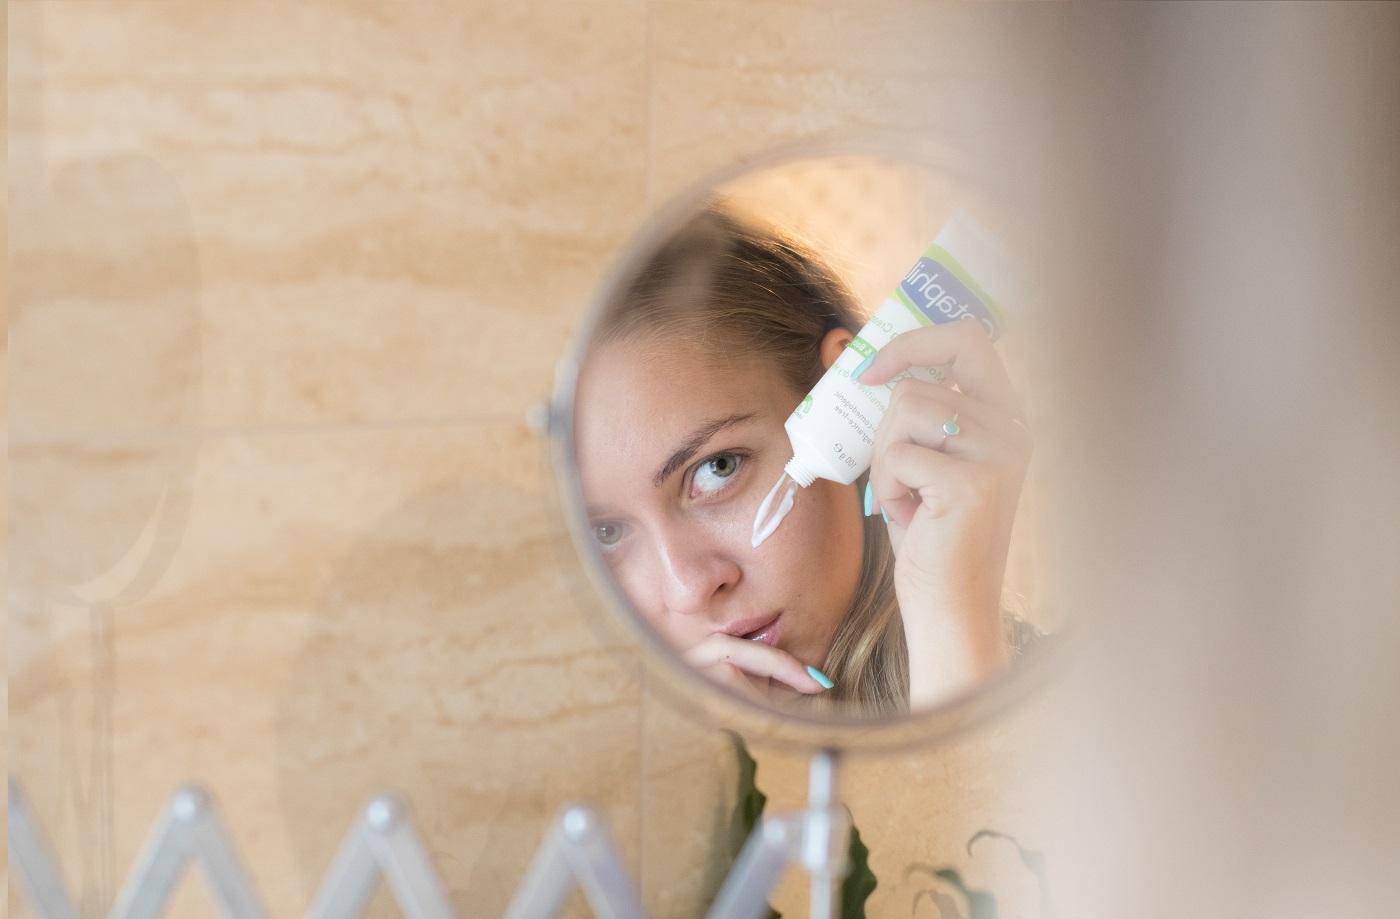 segít a pikkelysömör kezelése irritáció az arc bőrén vörös foltok formájában